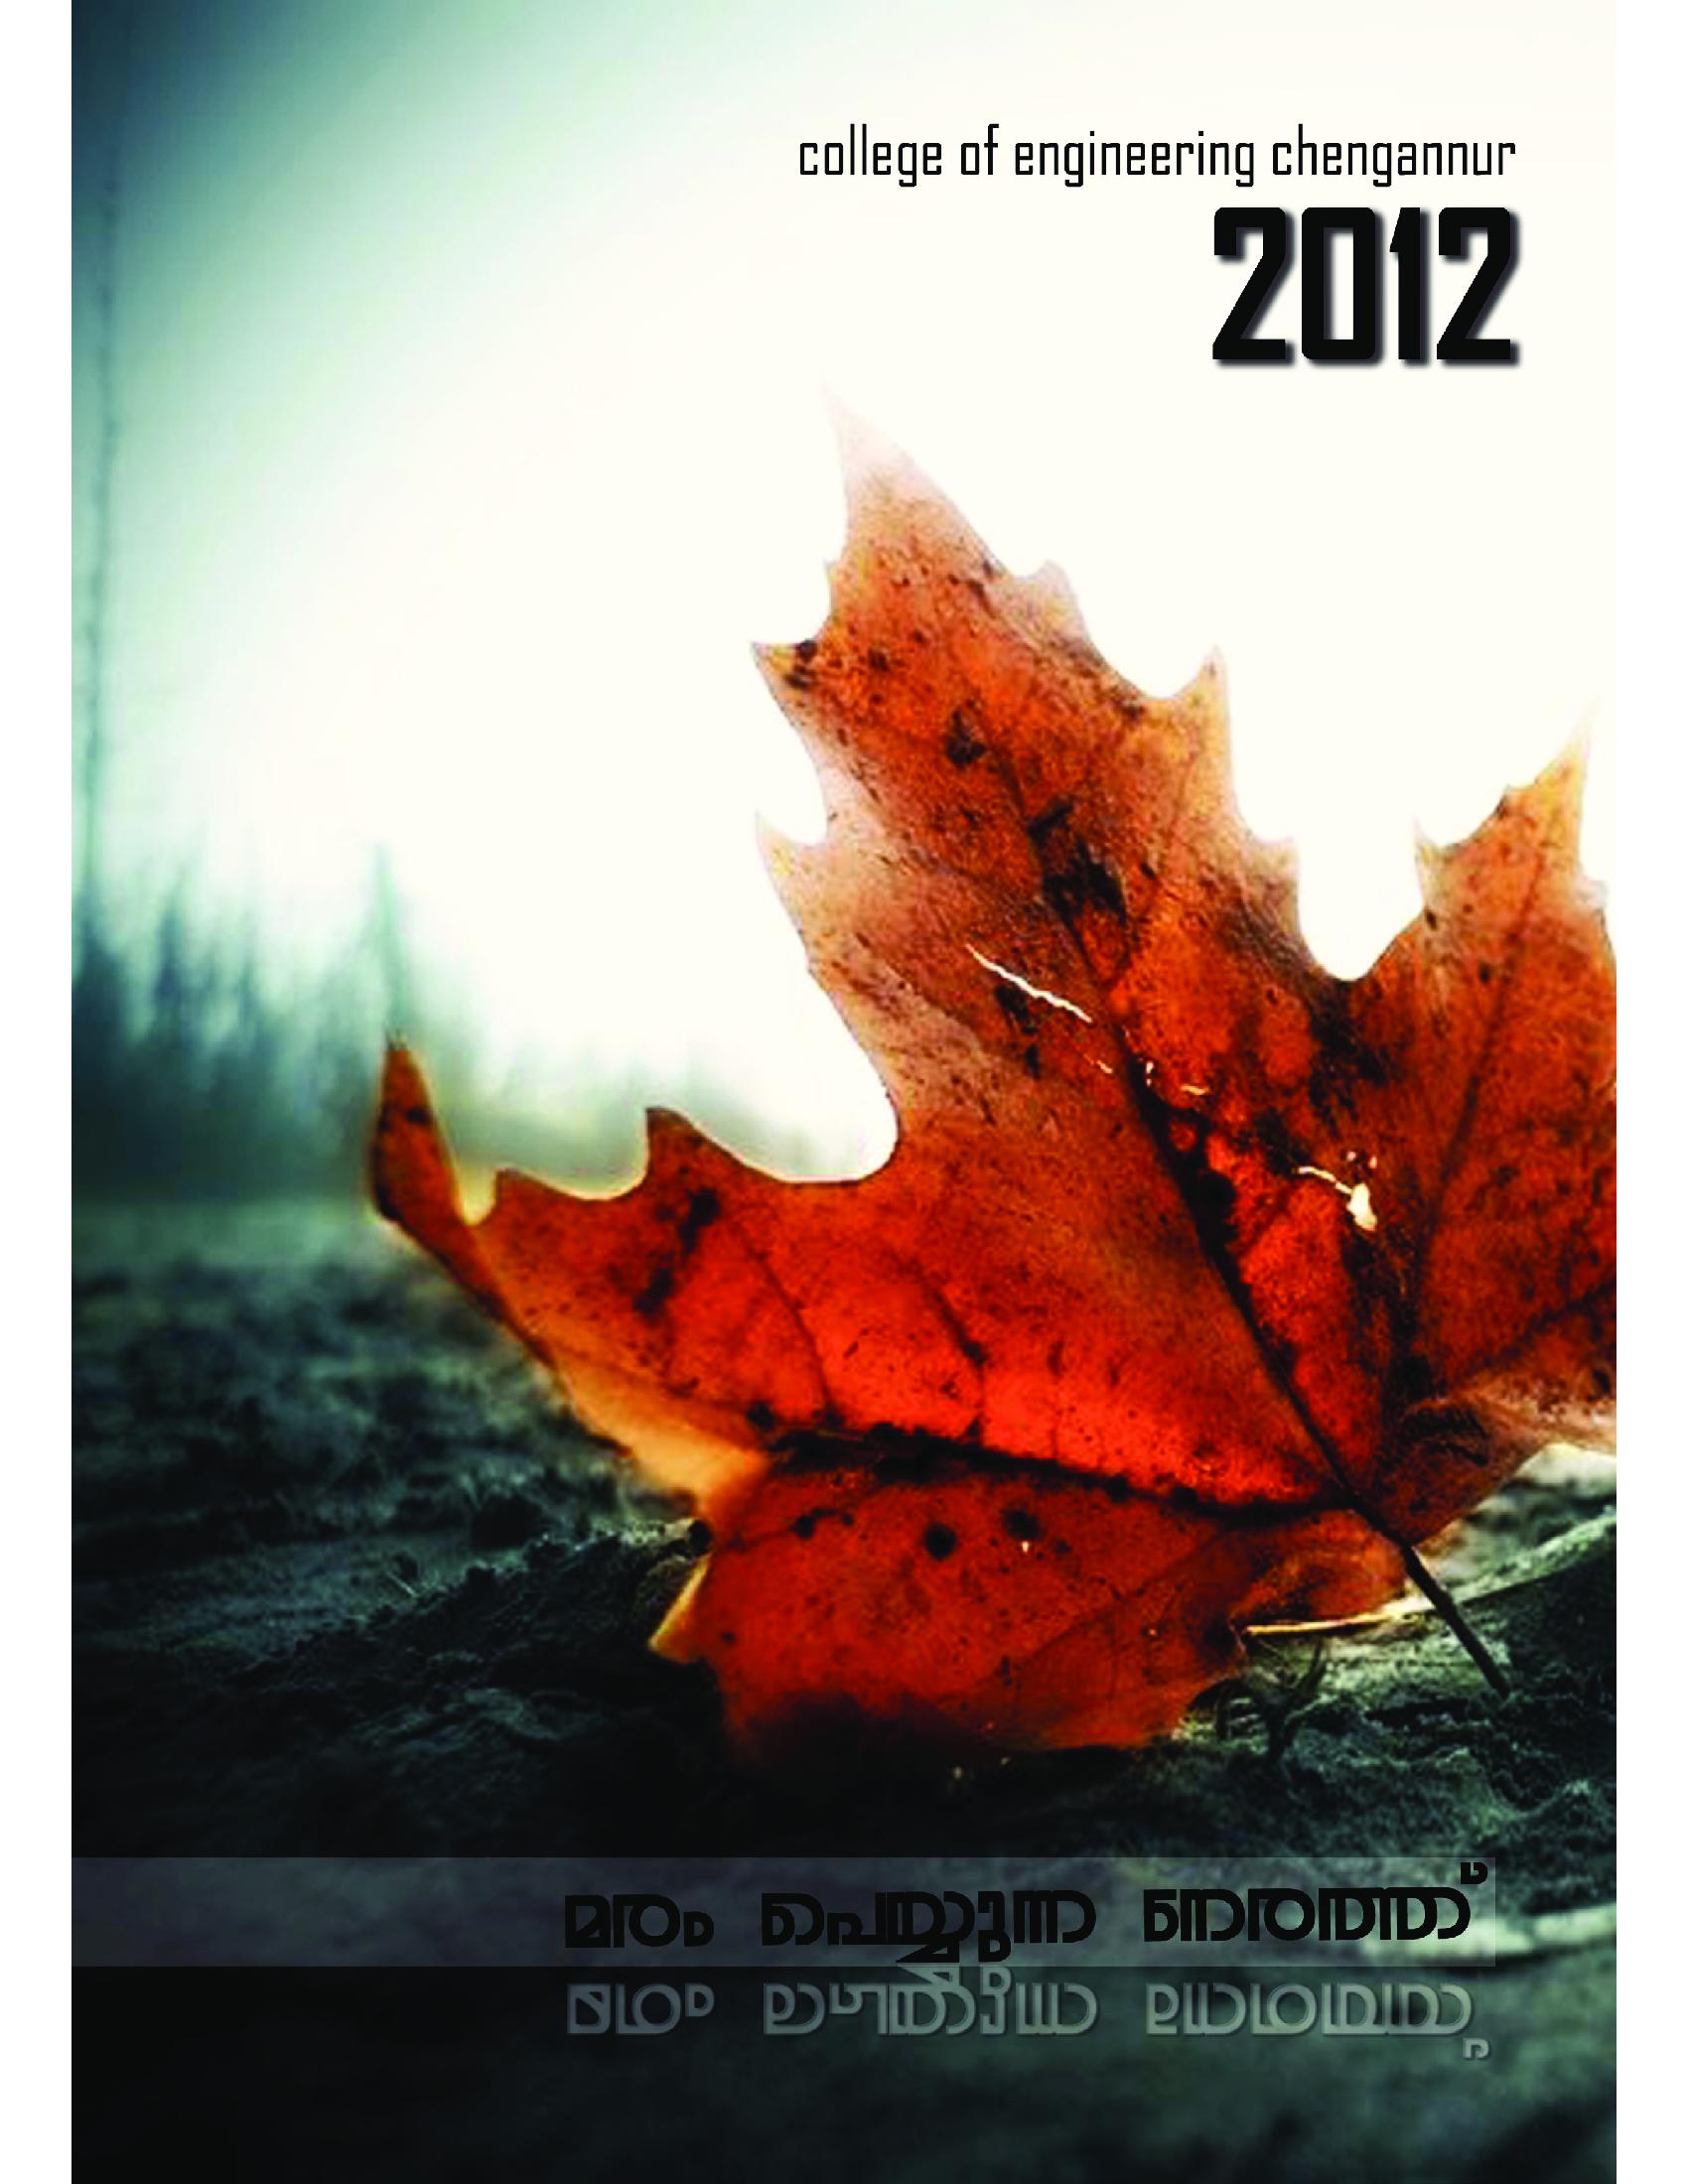 CEC Annual Magazine 2012-13 Cover